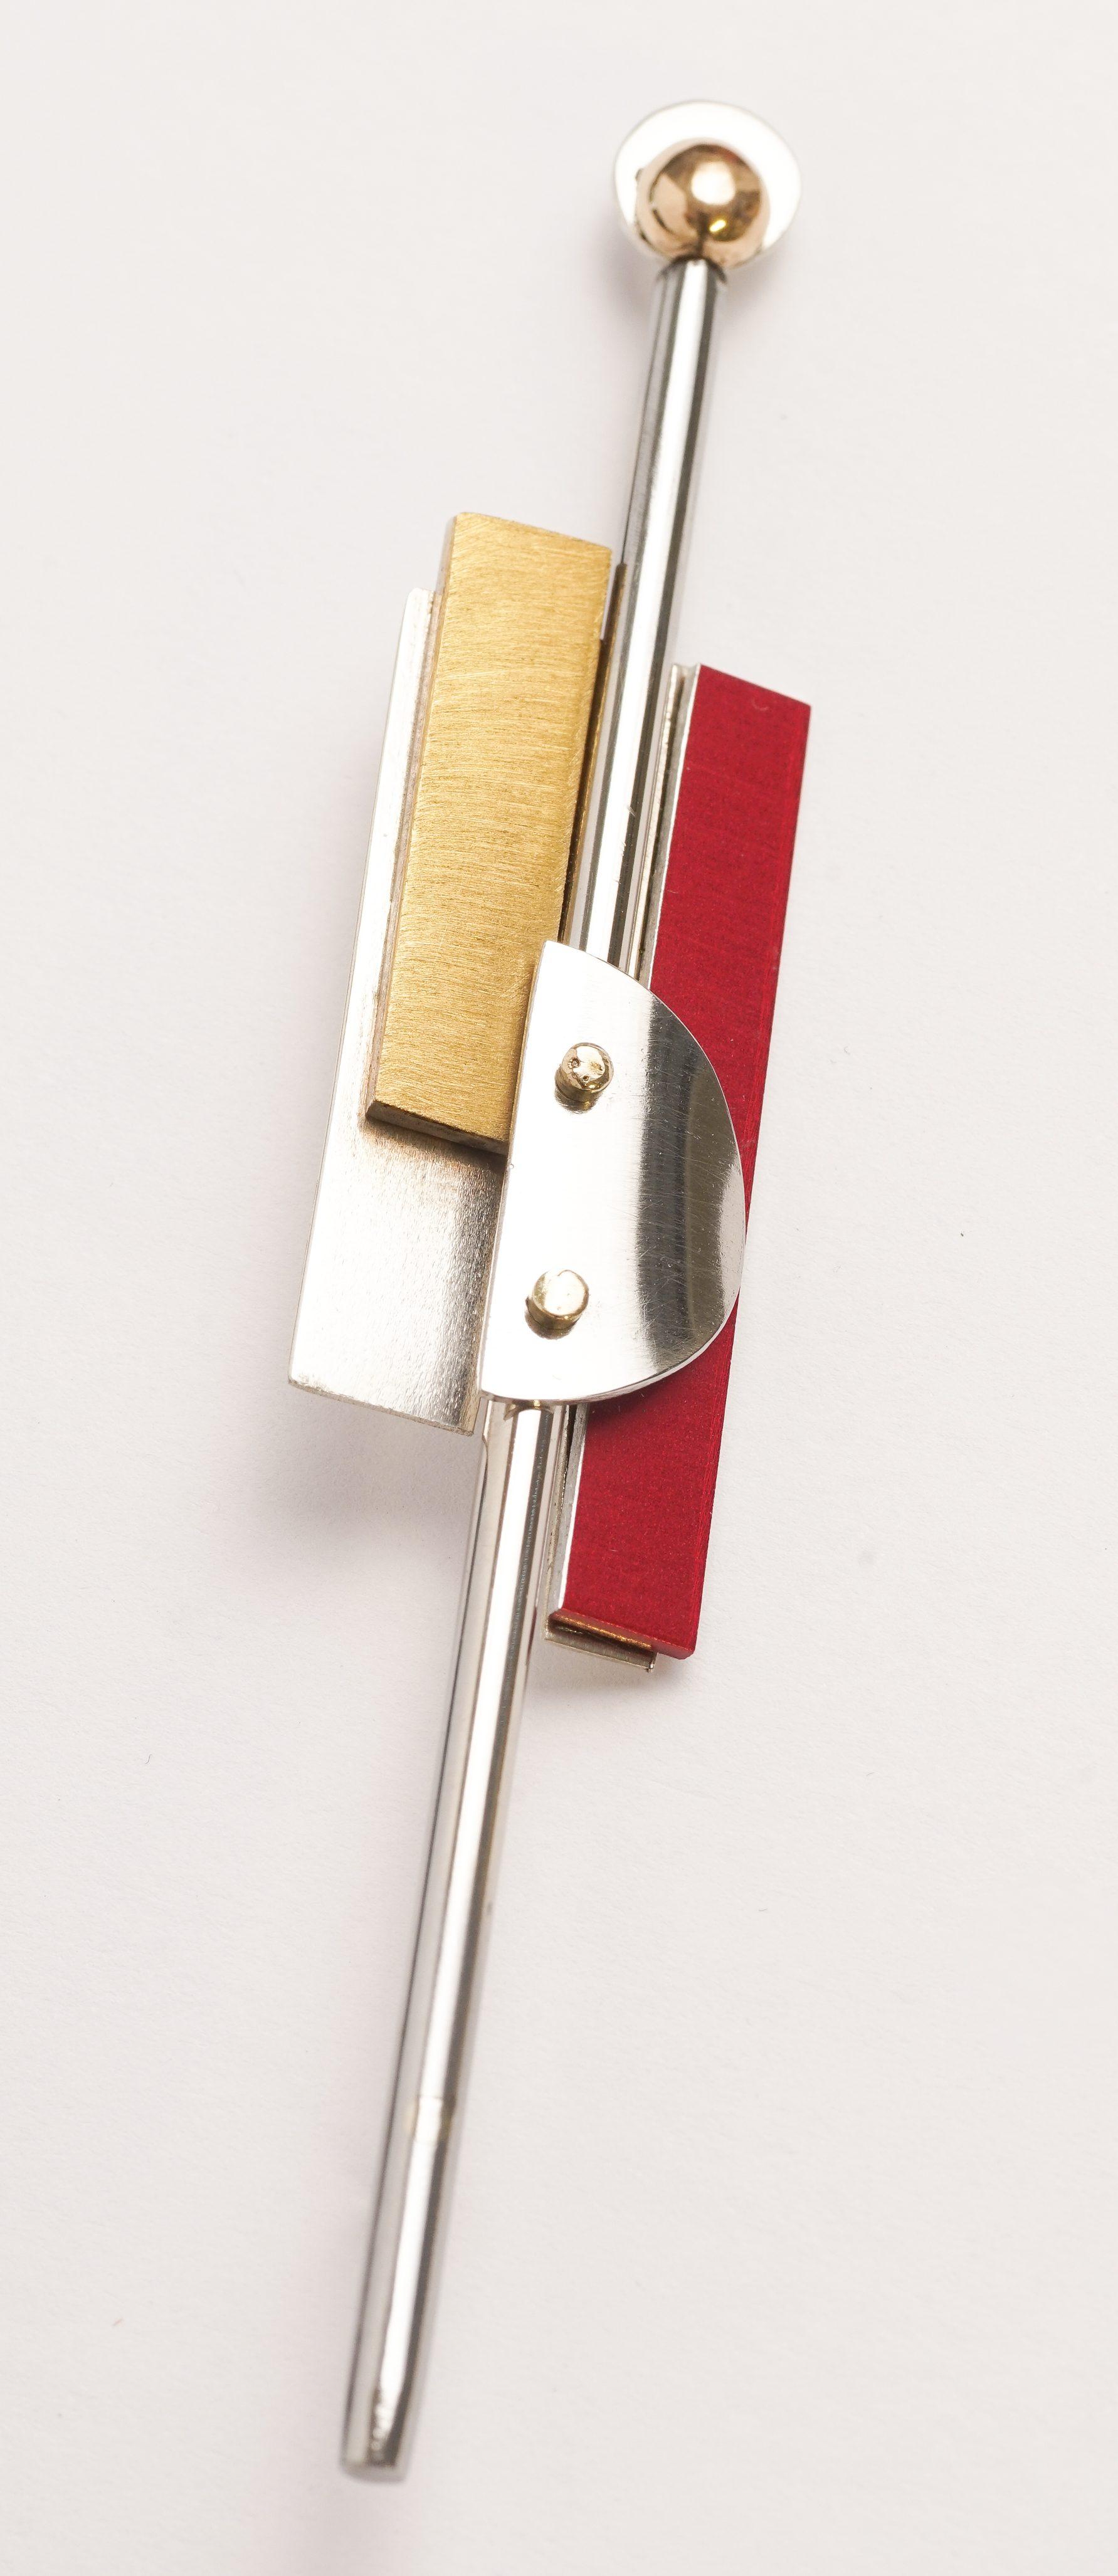 Karel Betman, broche, 2019, goud, zilver, geanodiseerd aluminium, roestvrij staal